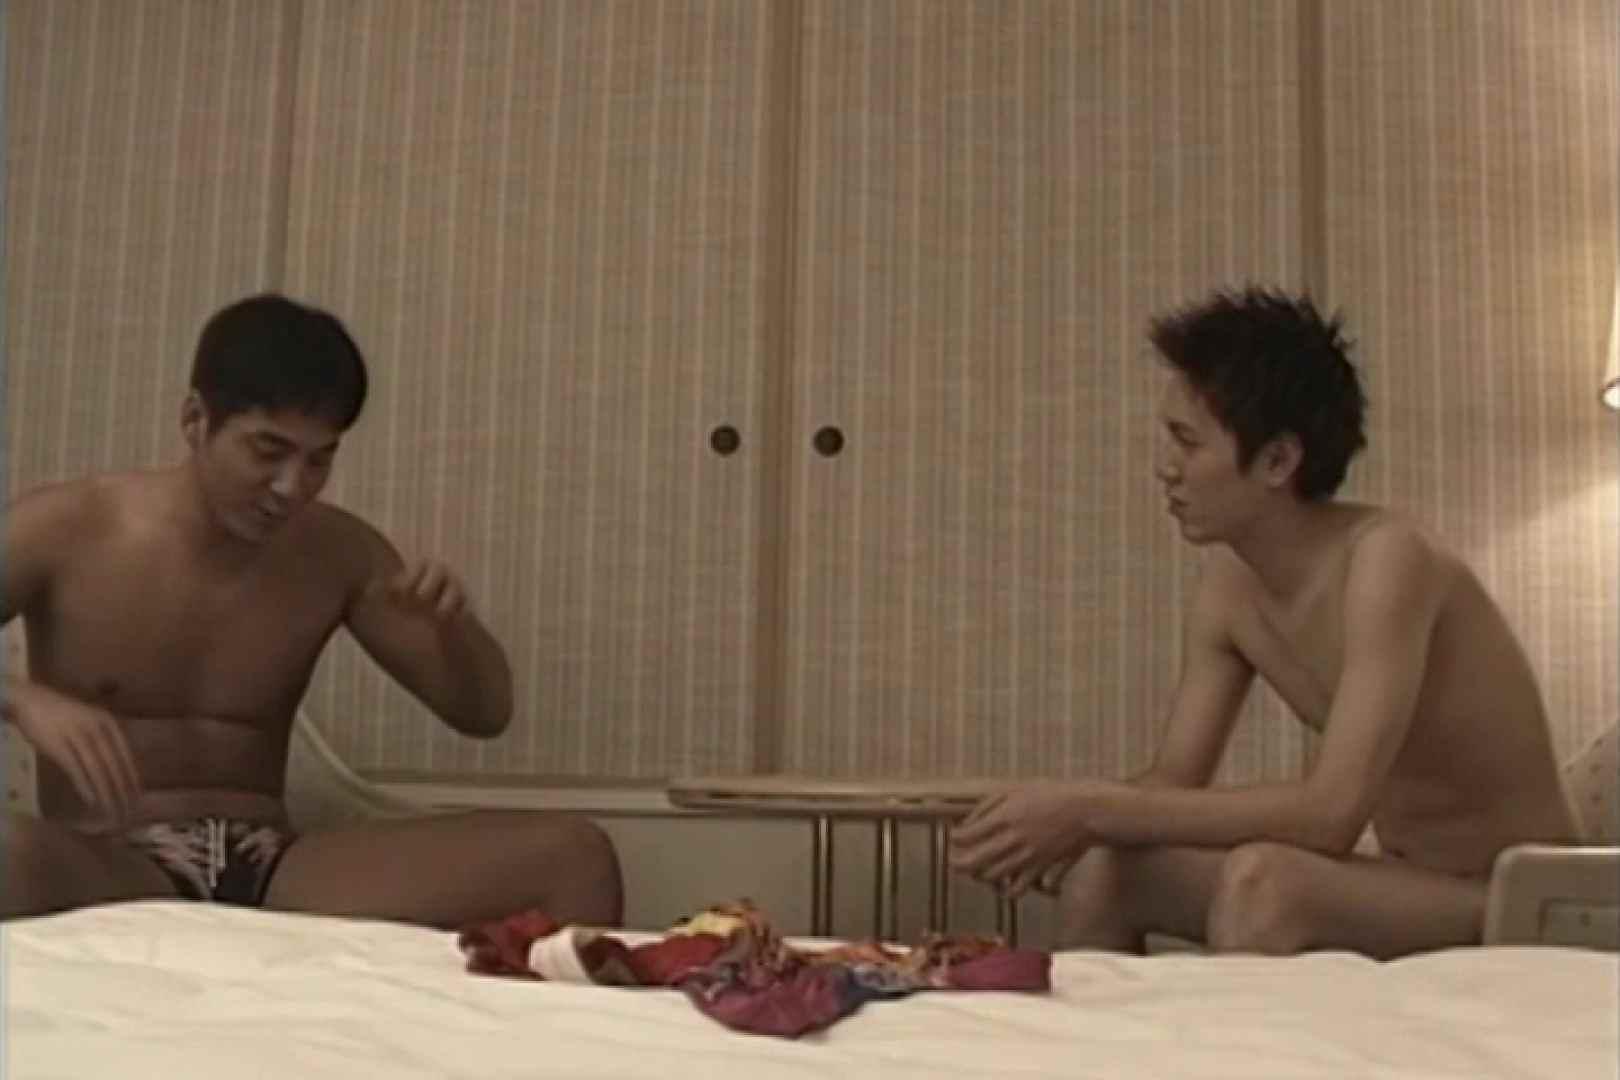 スポメン競パン部、真っ盛り!!Vol.02 玩具 ゲイ無修正ビデオ画像 97pic 5